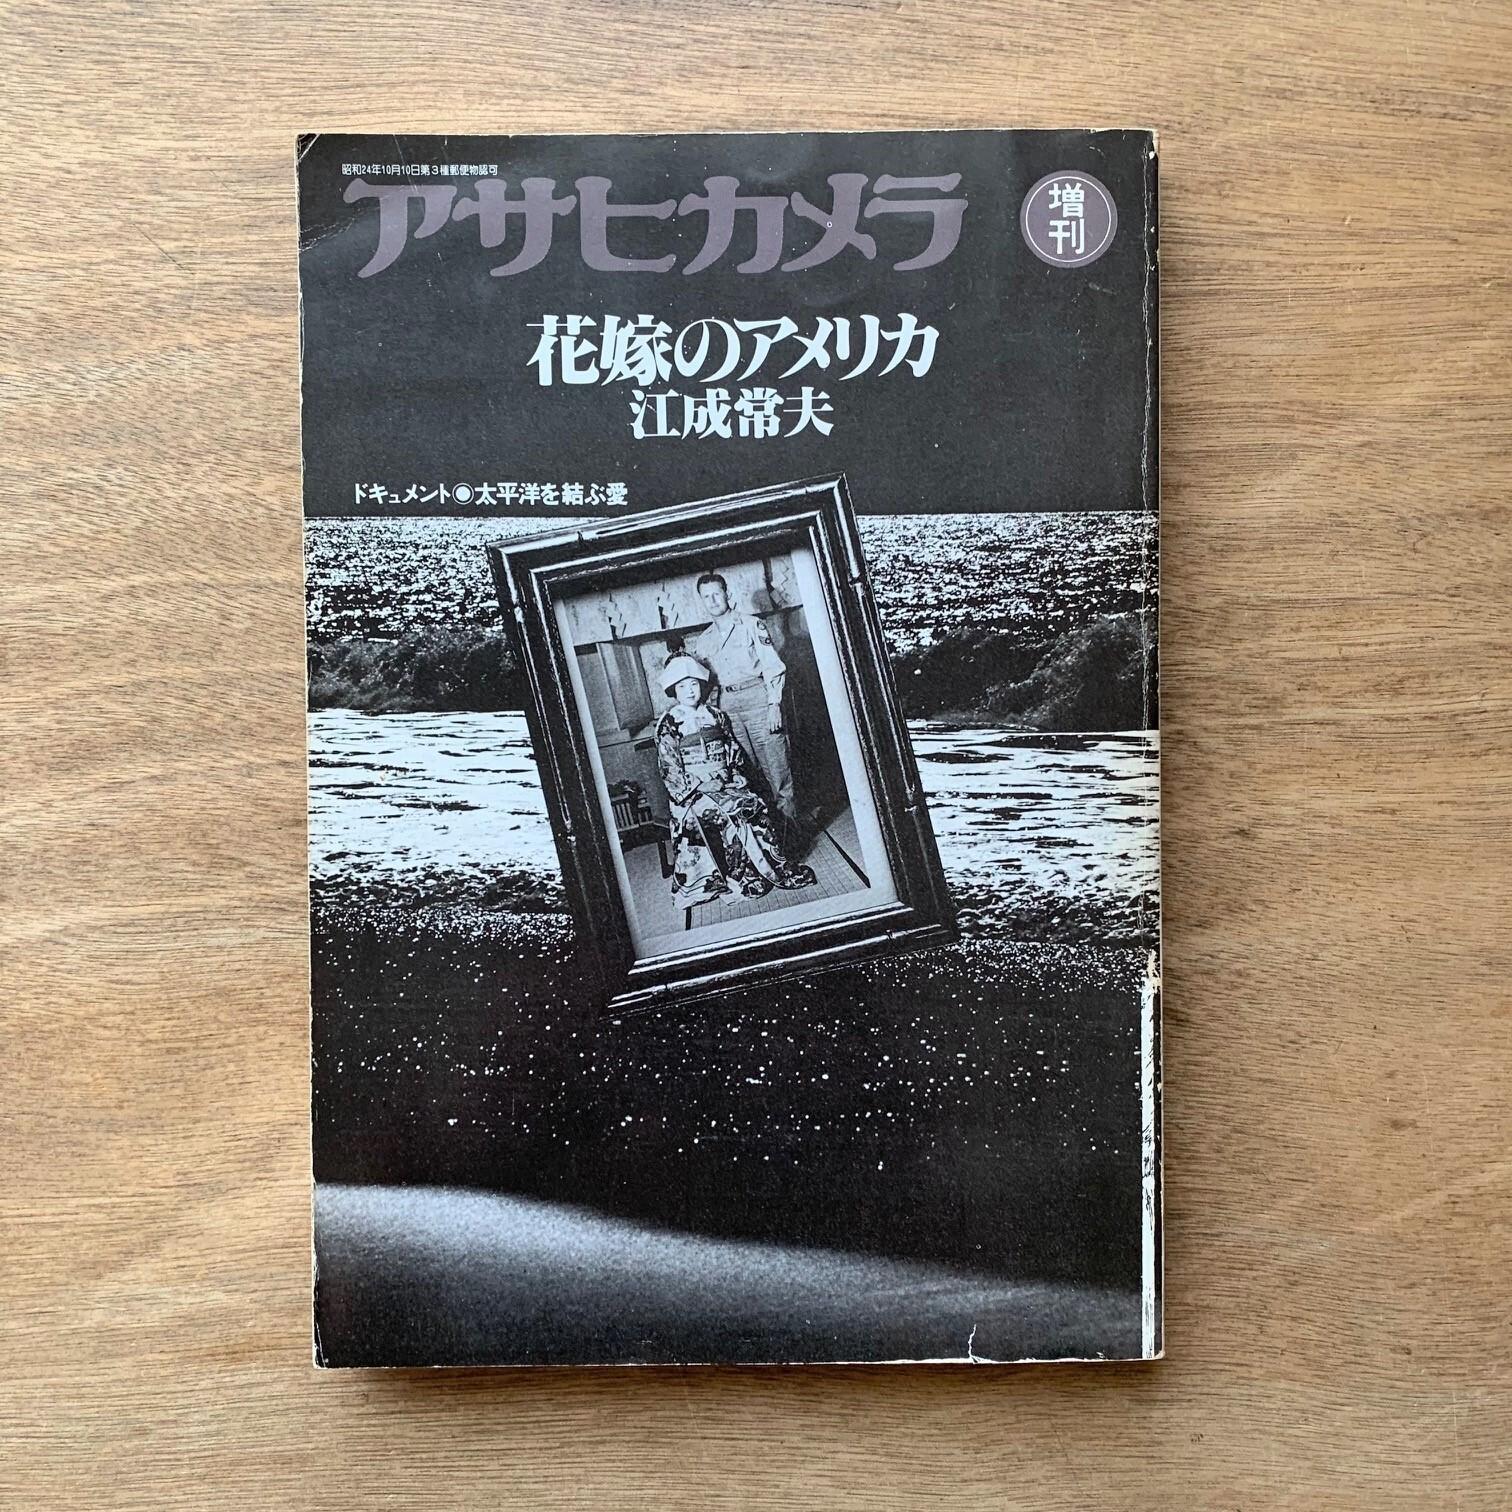 花嫁のアメリカ  /  江成常夫  /  アサヒカメラ 1980年12月増刊